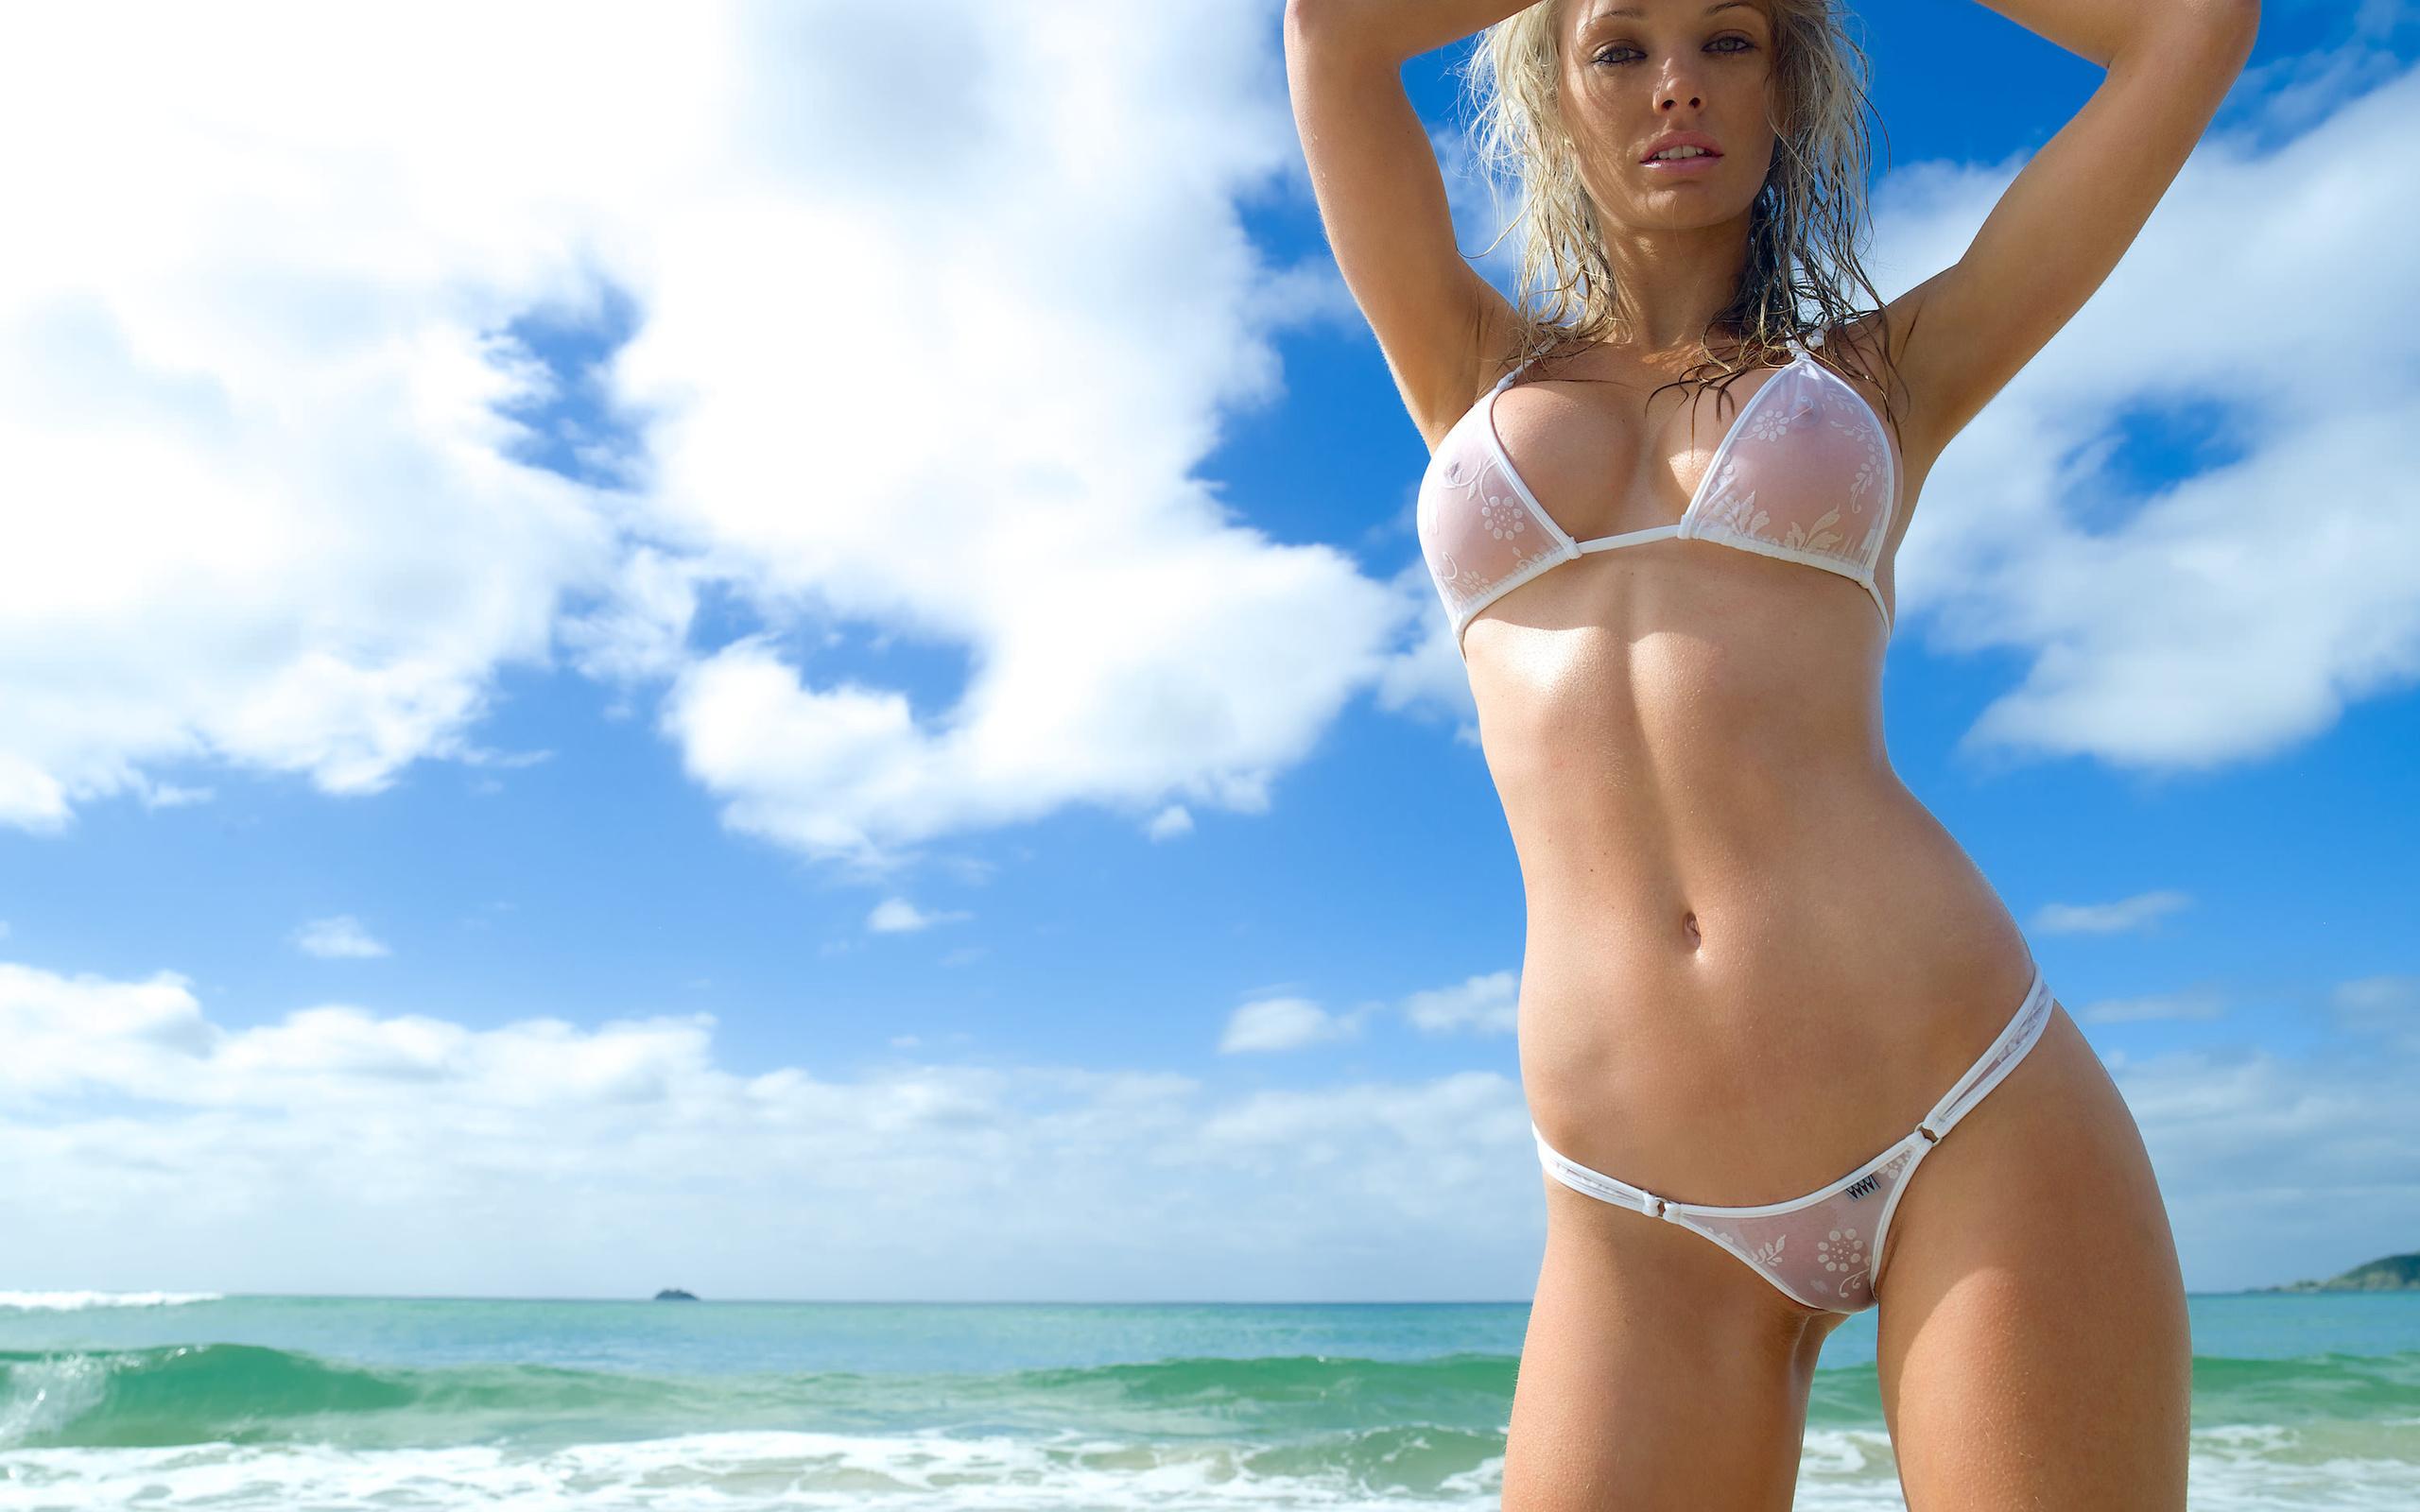 Смотреть девушки на пляже в прозрачных купальниках 22 фотография